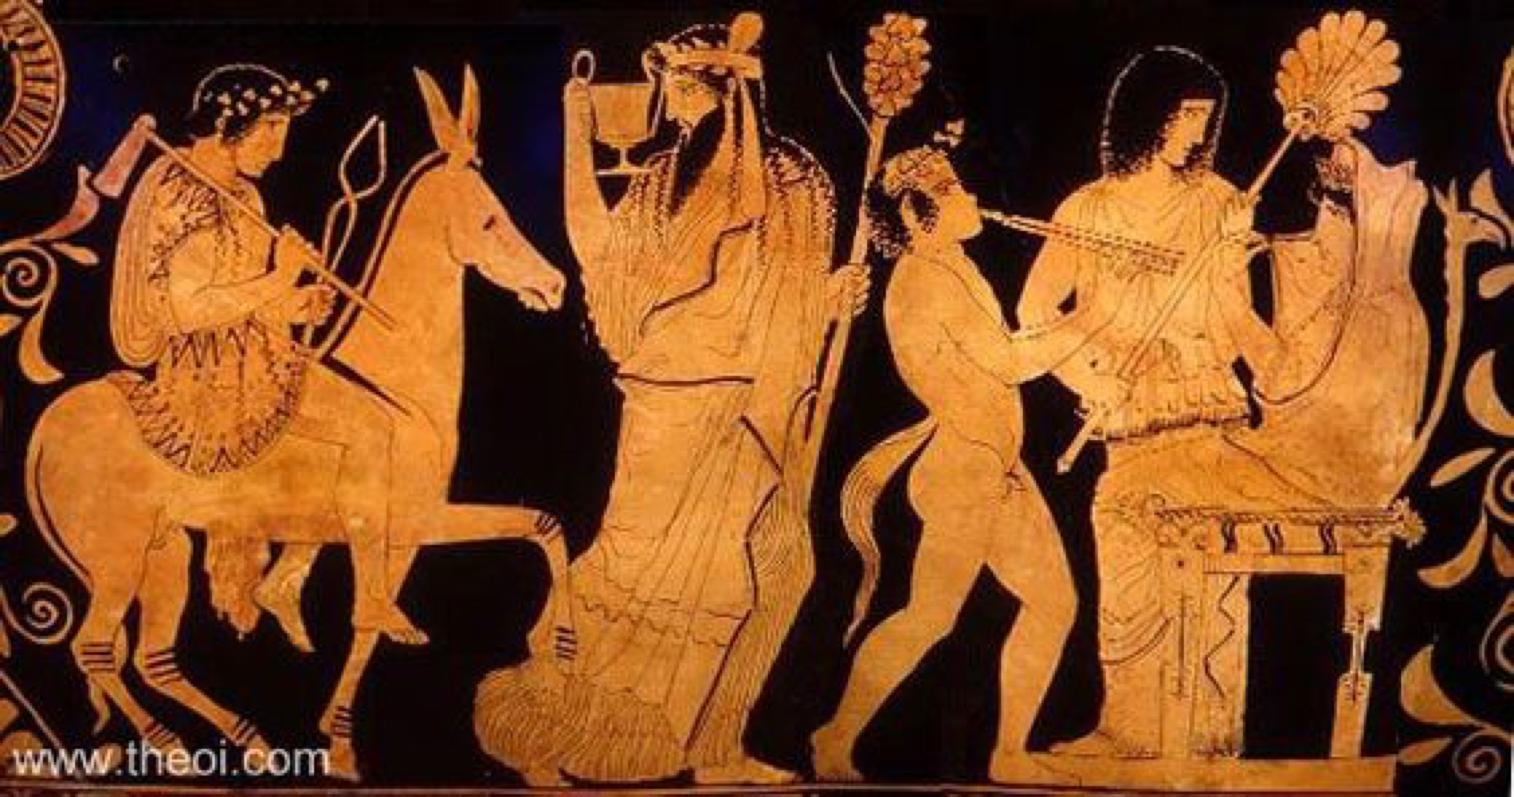 Hephaestus rides into Olympus to release Hera